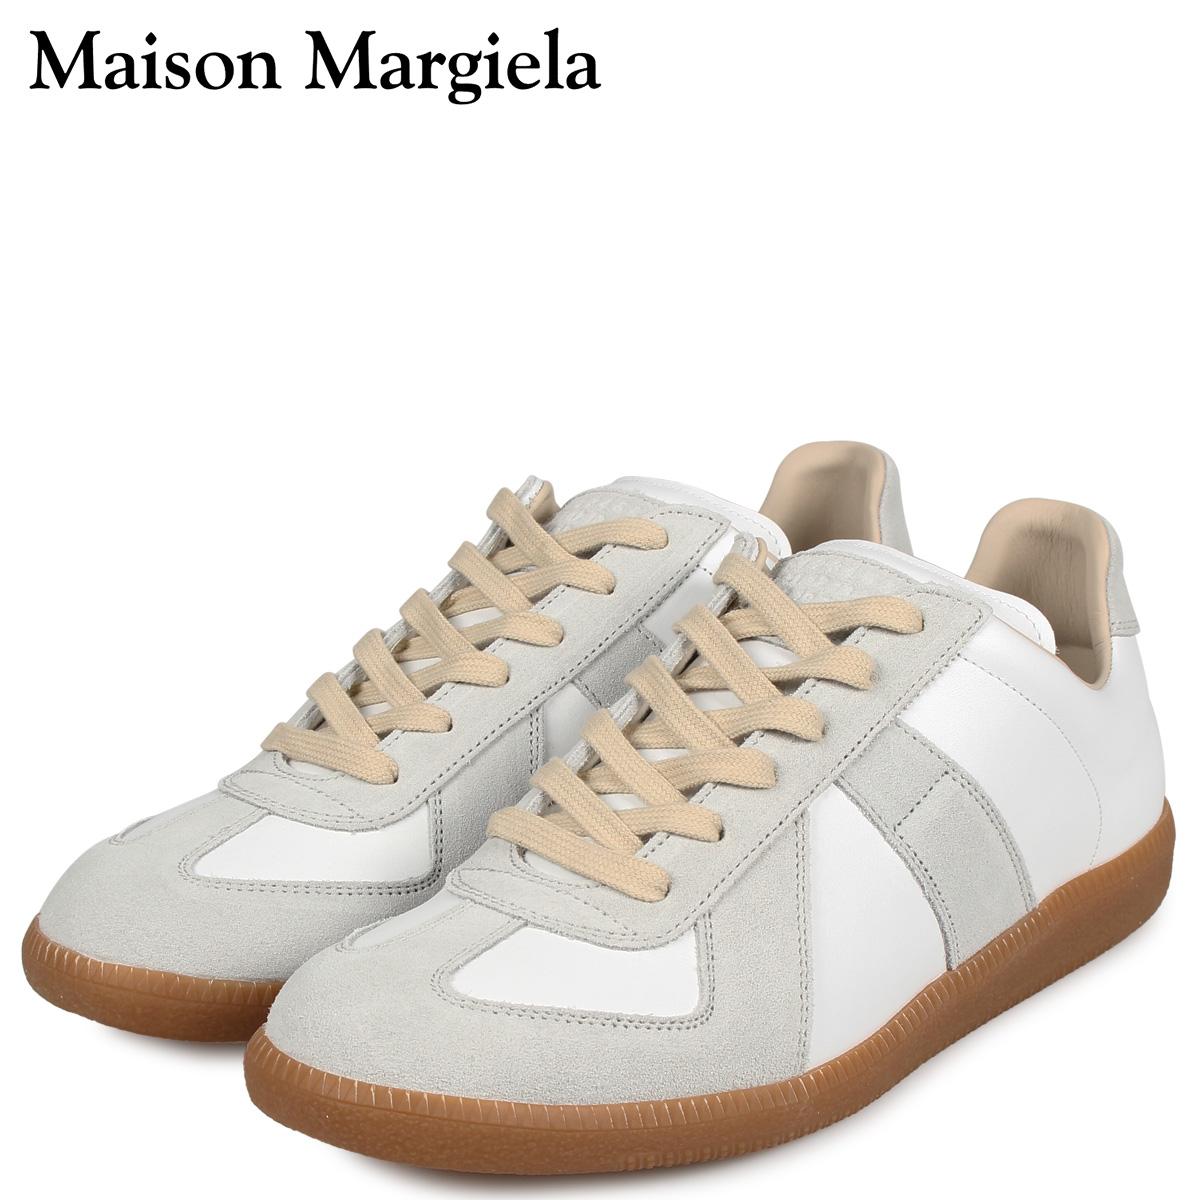 MAISON MARGIELA メゾンマルジェラ レプリカ ロートップ スニーカー メンズ REPLICA LOW TOP オフ ホワイト S57WS0236-P1895 [3/3 再入荷]